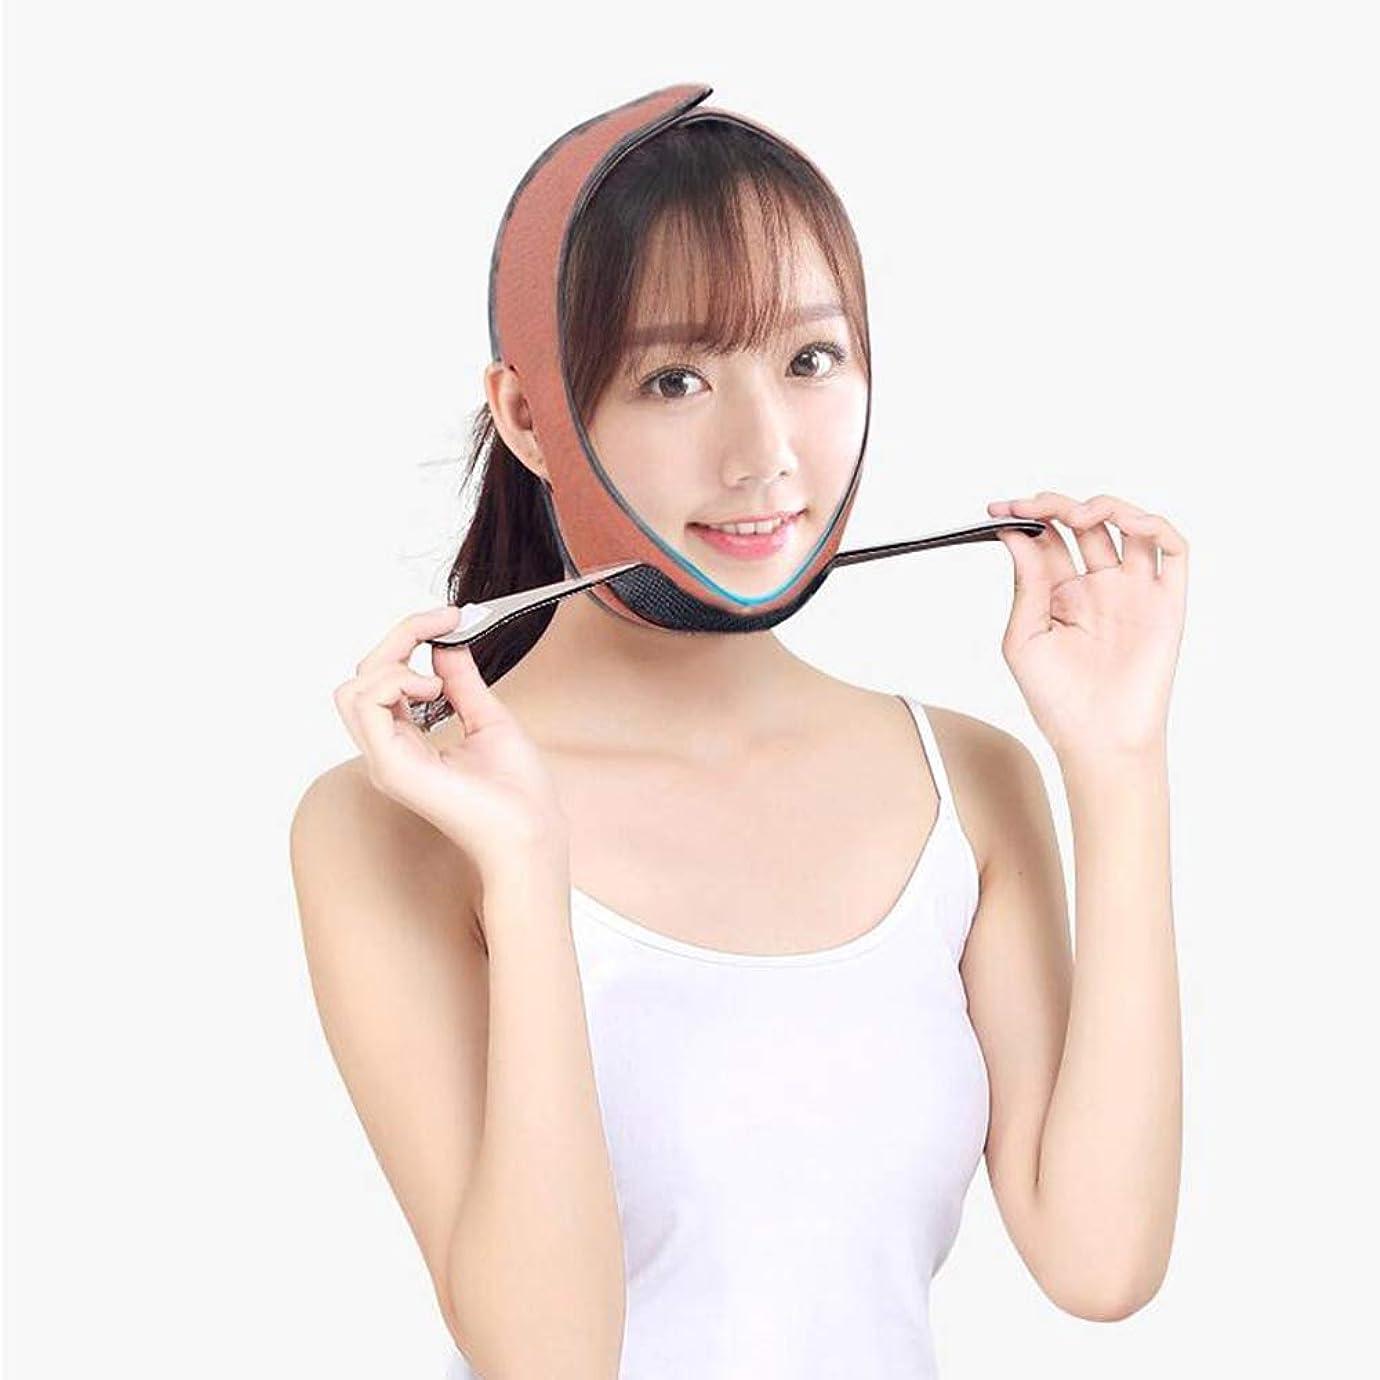 道を作る交換可能不格好フェイシャルリフティングスリミングベルト - 薄いフェイス包帯Vフェイス包帯マスクフェイシャルマッサージャー無料整形マスク顔と首の顔を引き締めますスリム